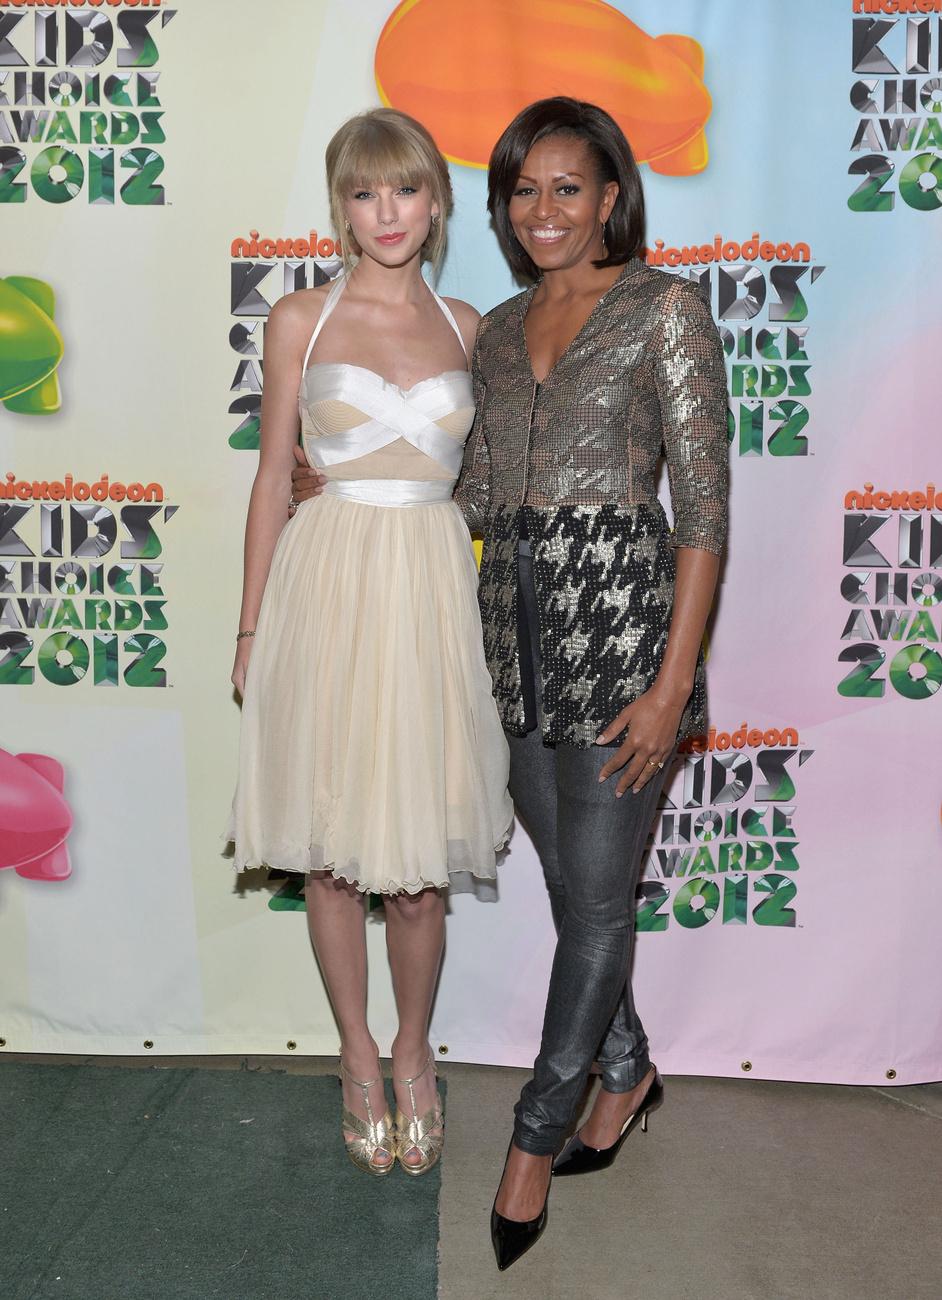 Celeblányokkal is szívesen mosolyog egy kép erejéig. Itt éppen Taylor Swifttel látható a Nickelodeon díjkiosztó gáláján.